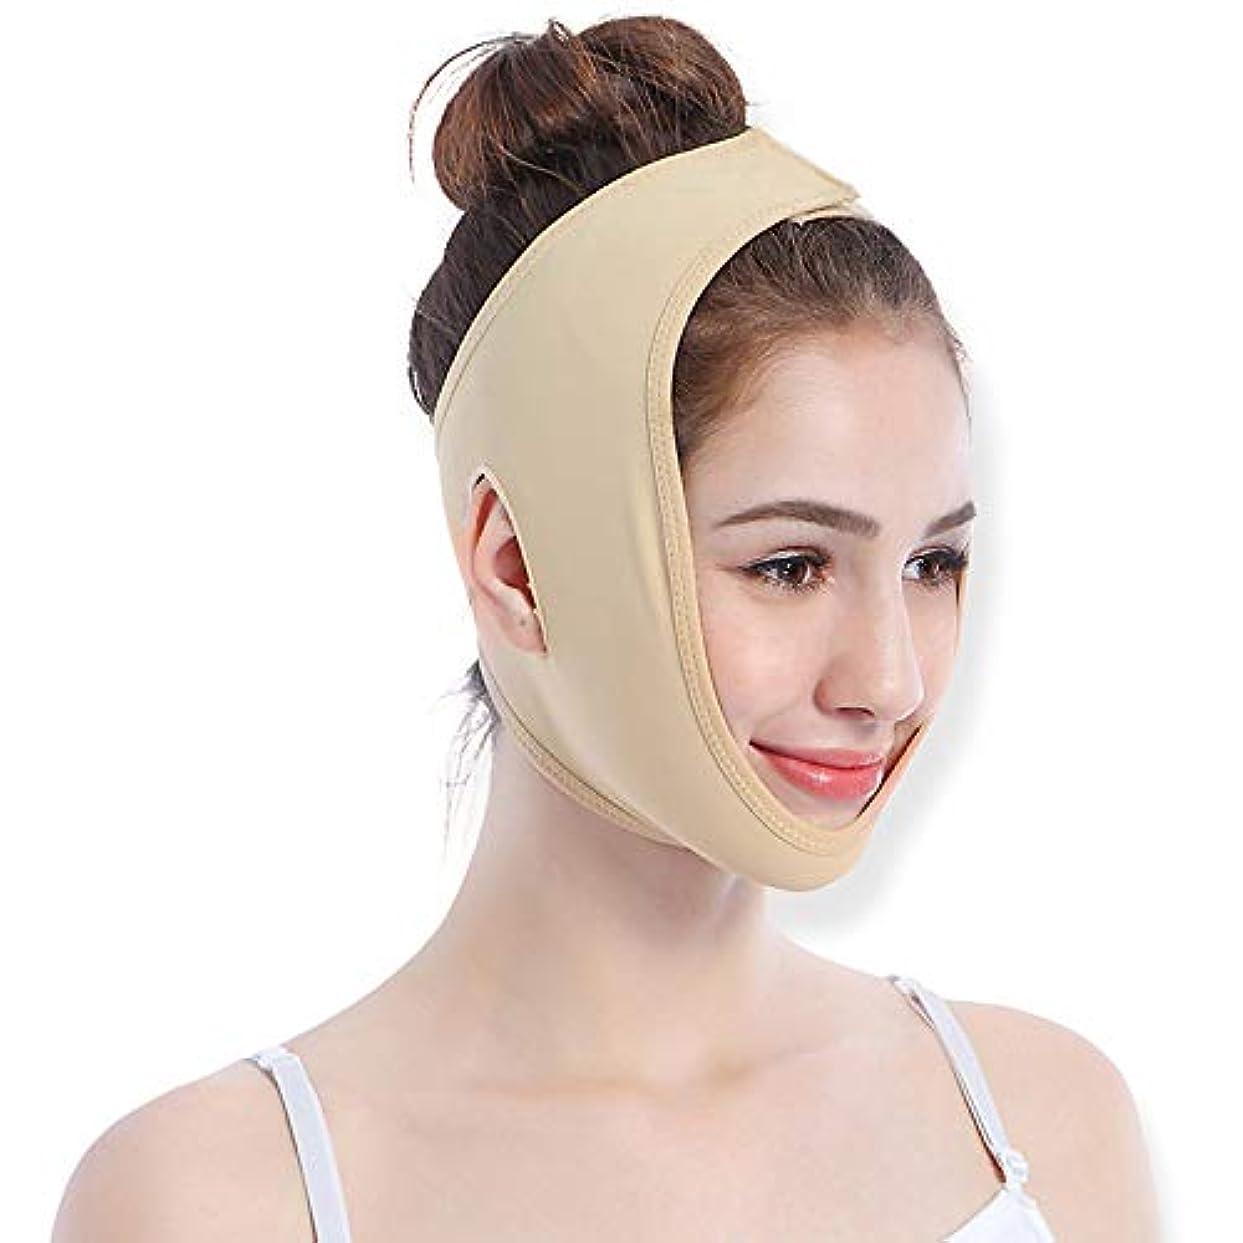 なめるホットモンク顔の重量損失通気性顔マスク睡眠 V 顔マスク顔リフティング包帯リフティング引き締めフェイスリフティングユニセックス,S